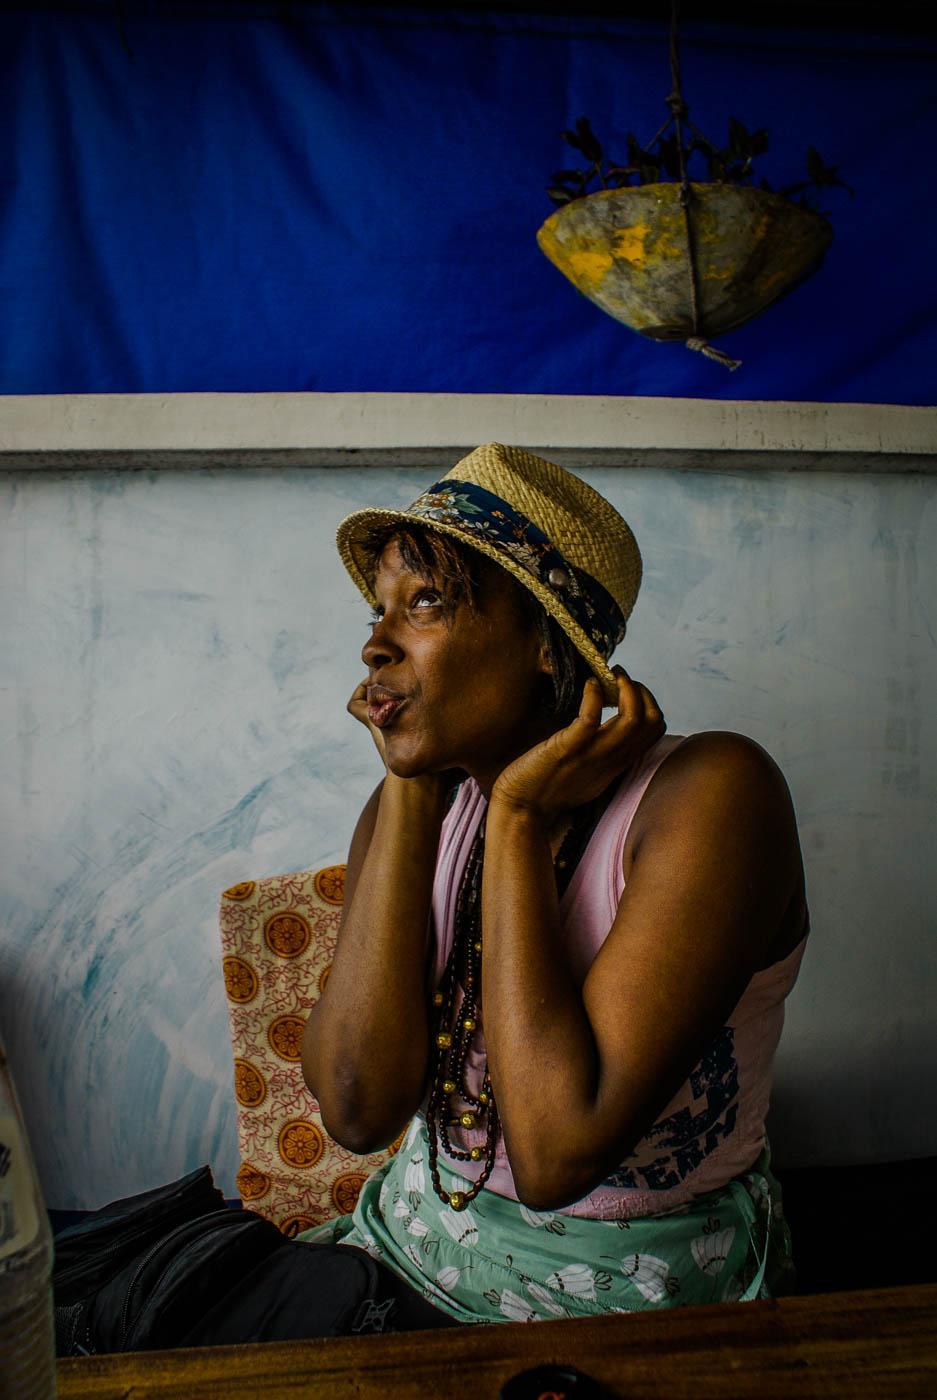 Julianna Barnaby in Zanzibar